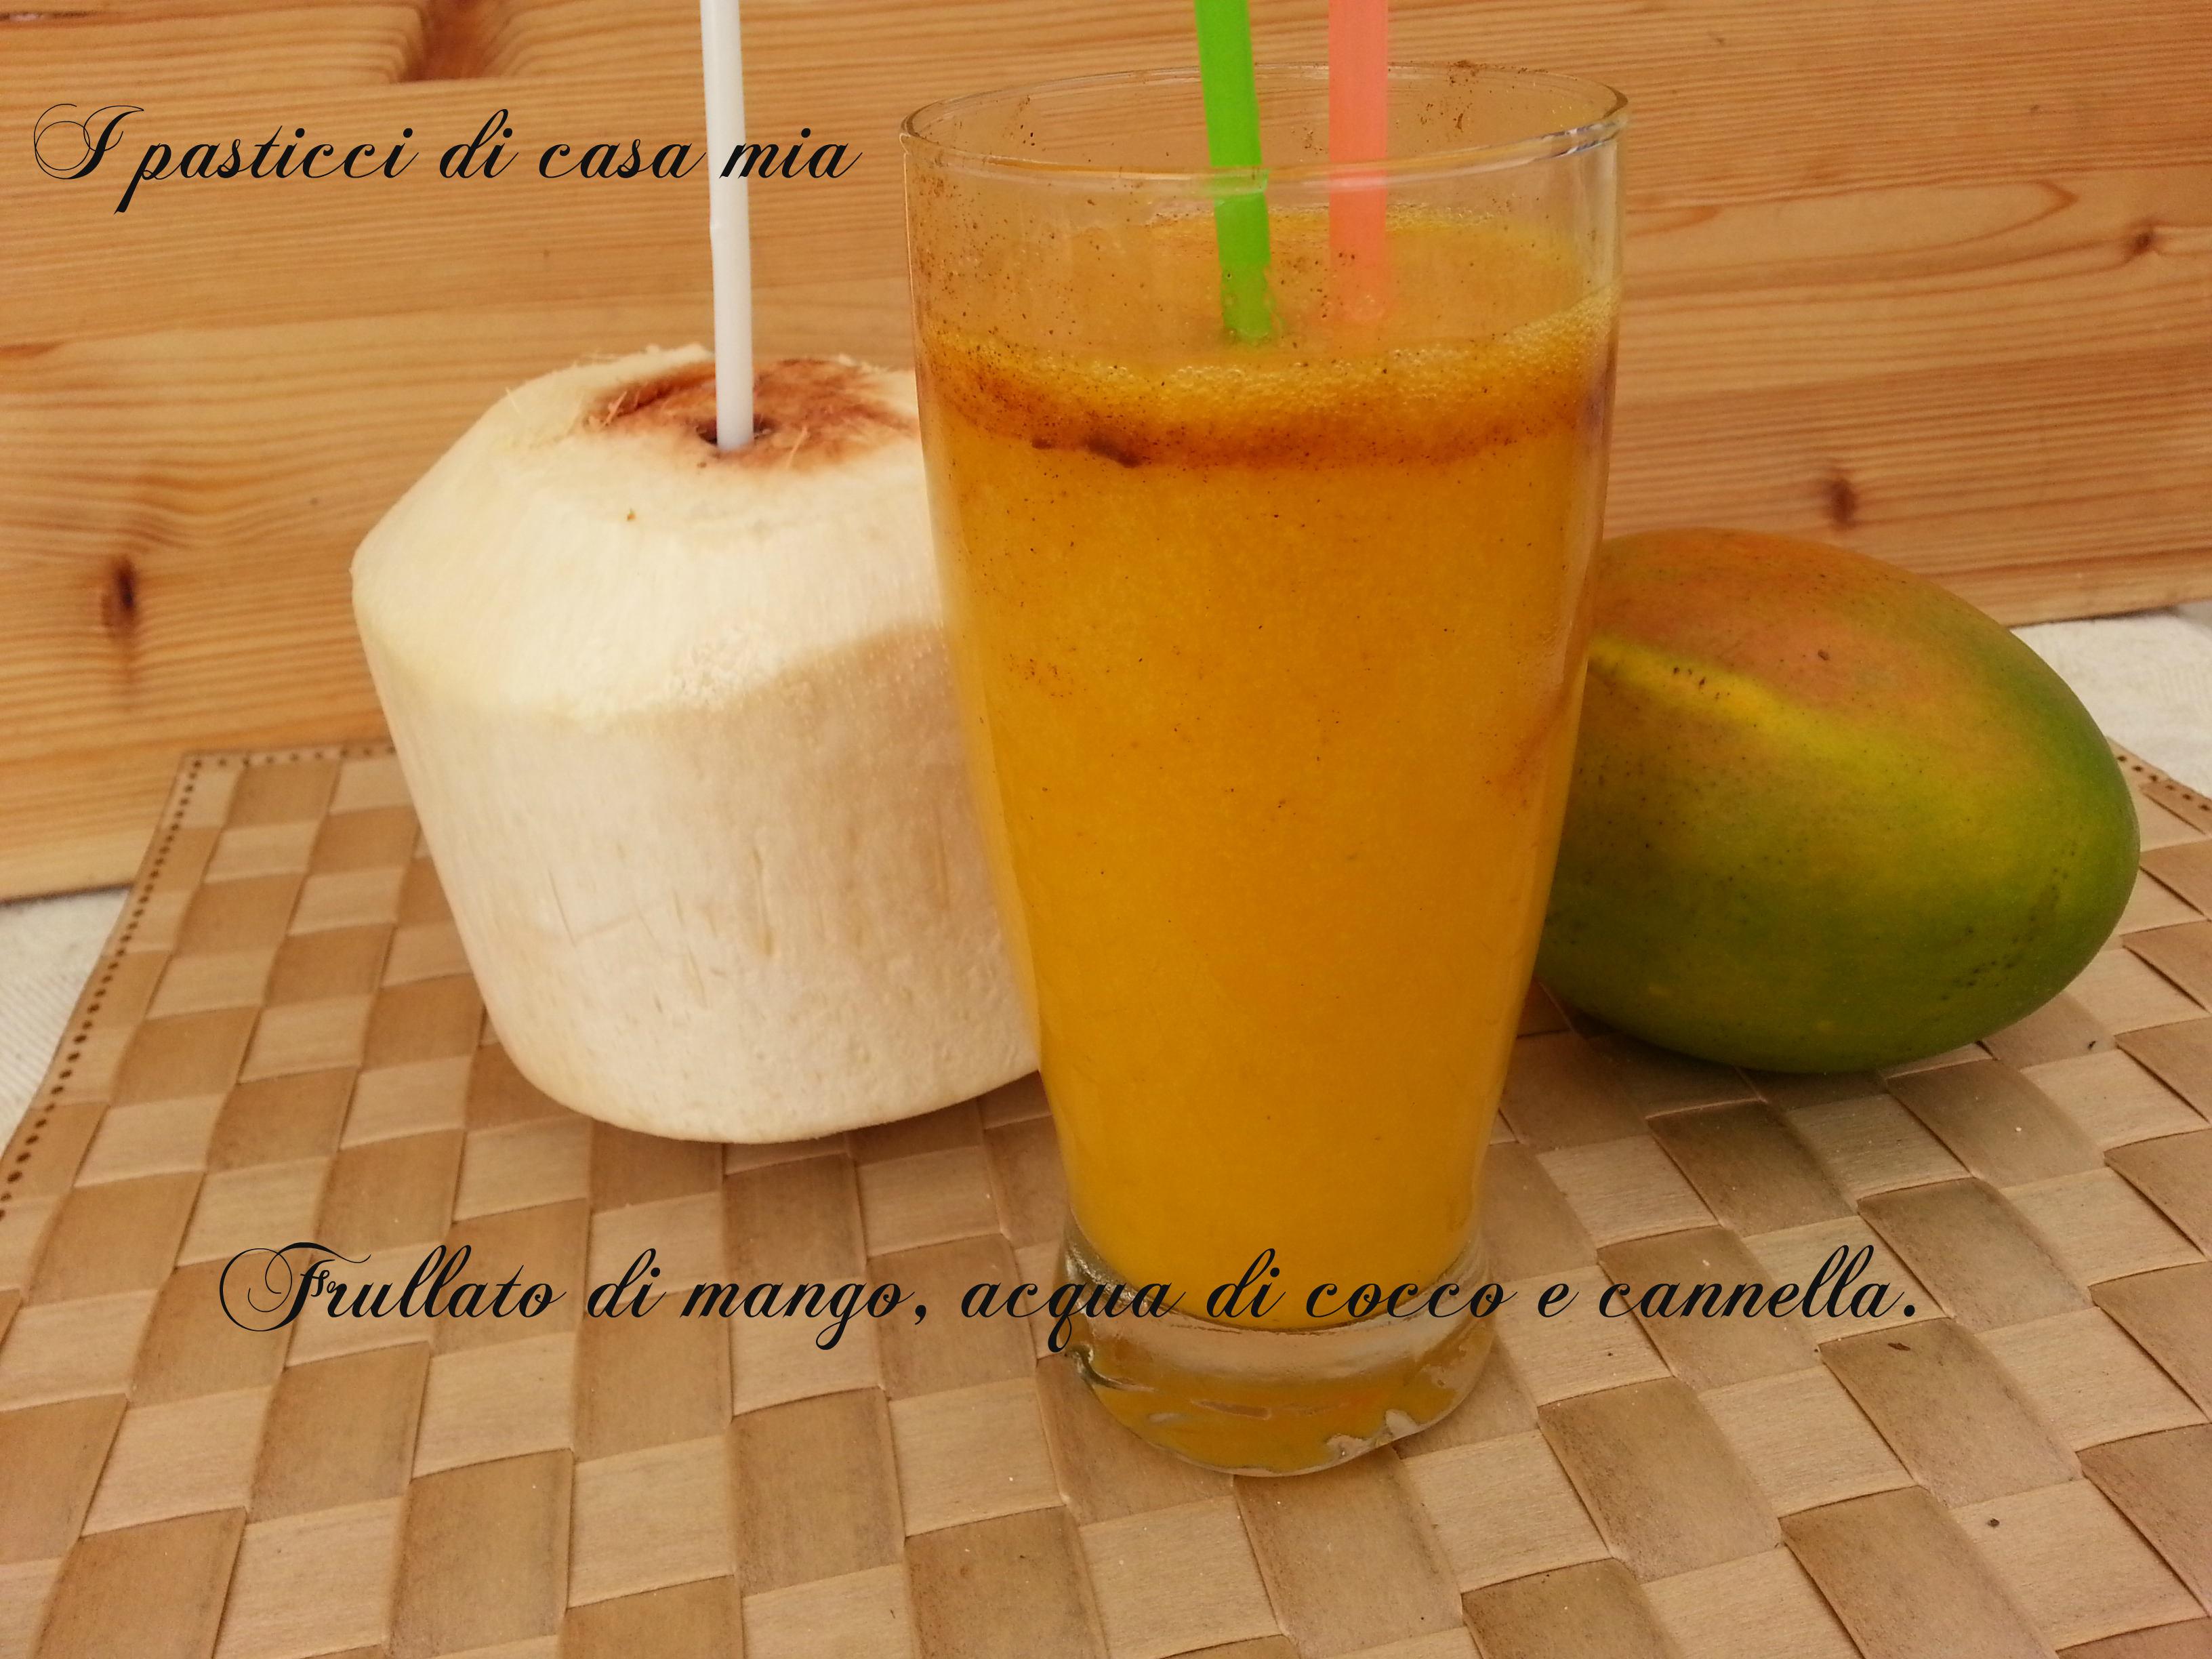 Frullato di mango, acqua di cocco e cannella